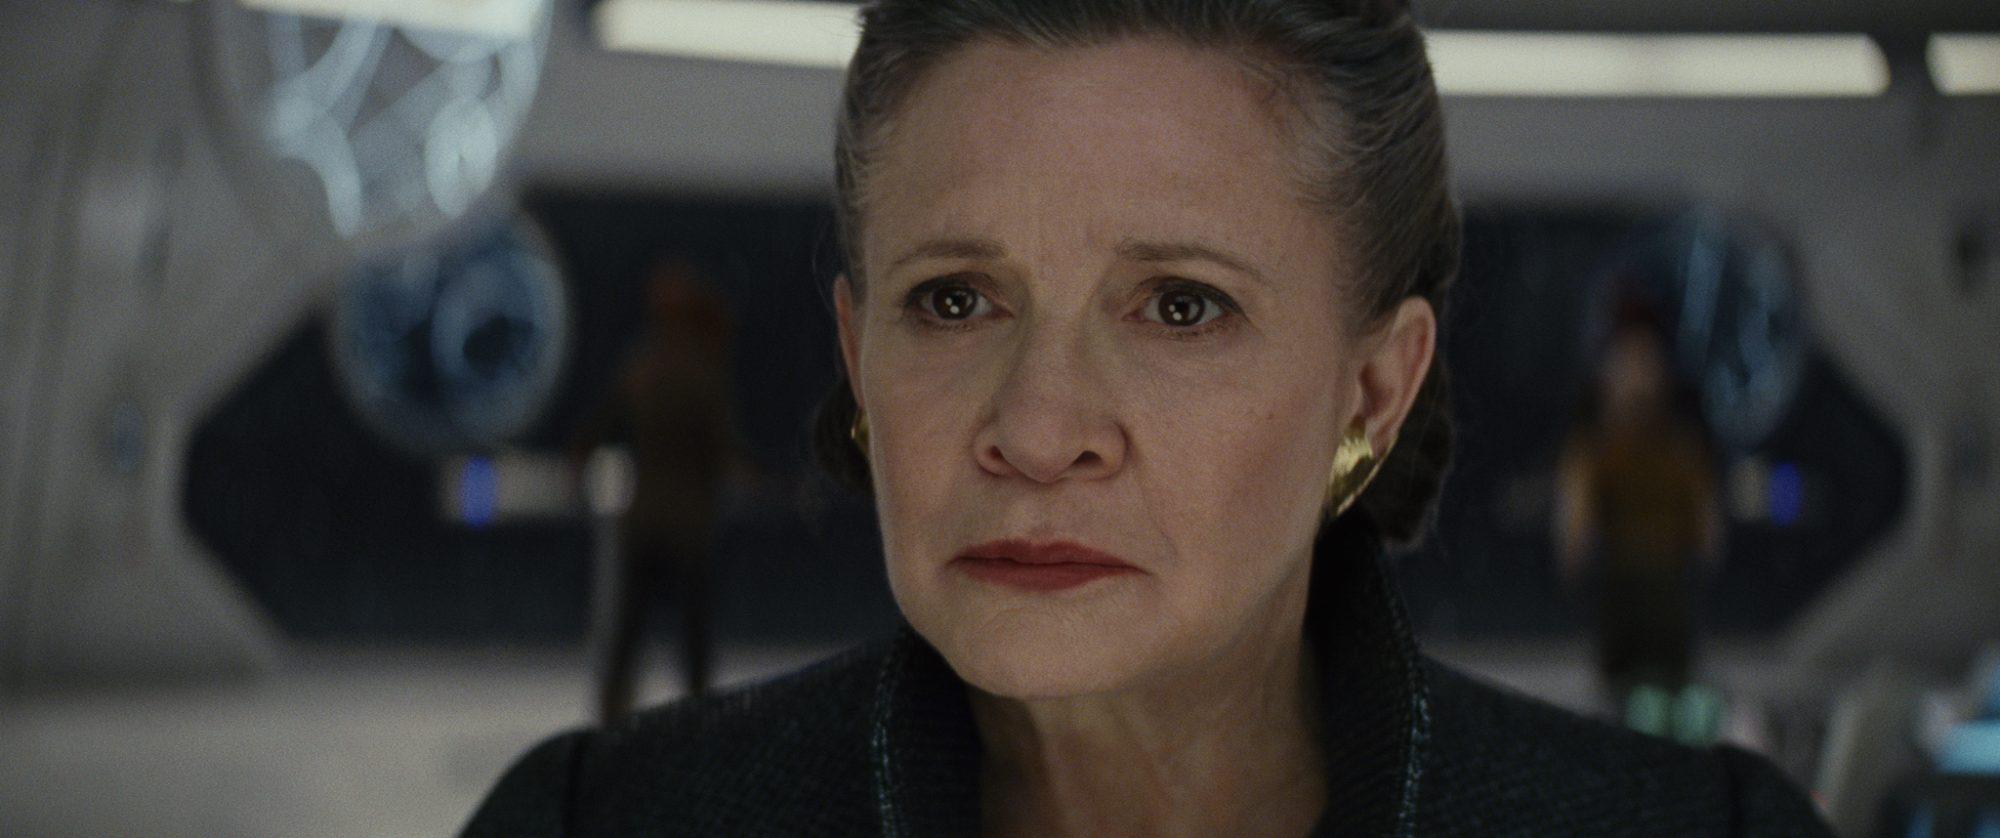 Picture of The Last Jedi Deleted Scene